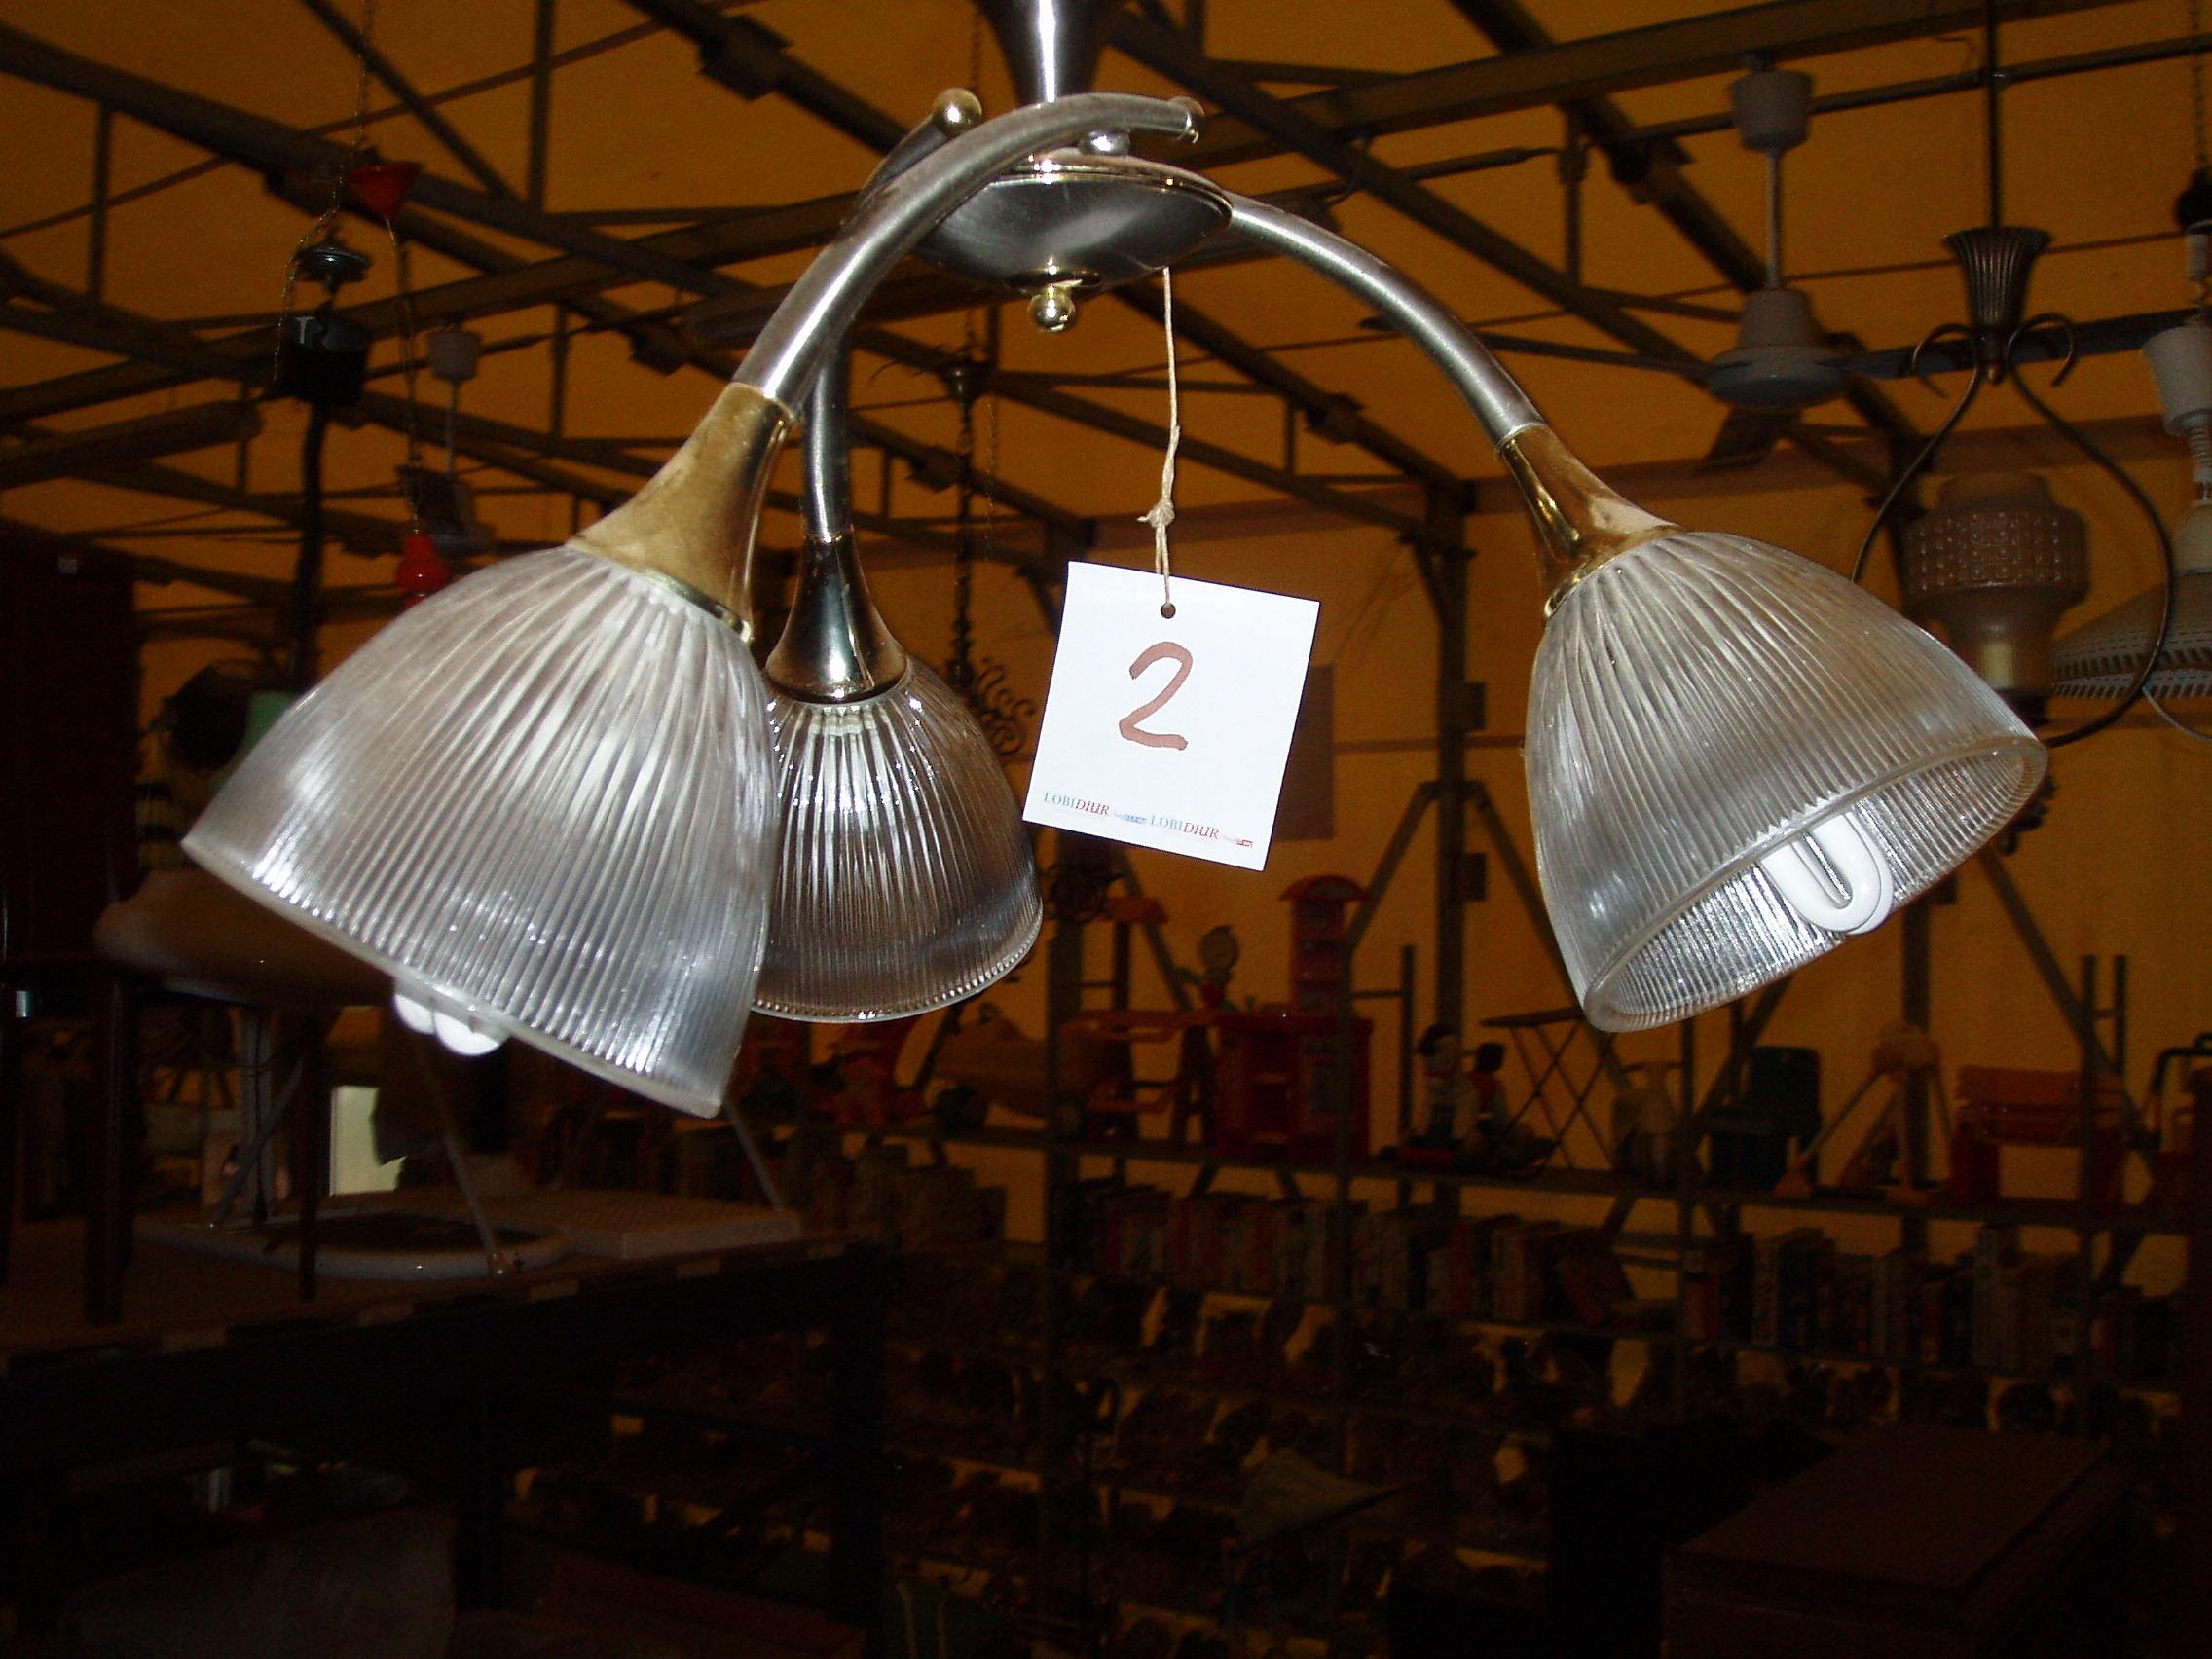 Lampadari usati monza e brianza il tendone solidale for Mercatino usato monza